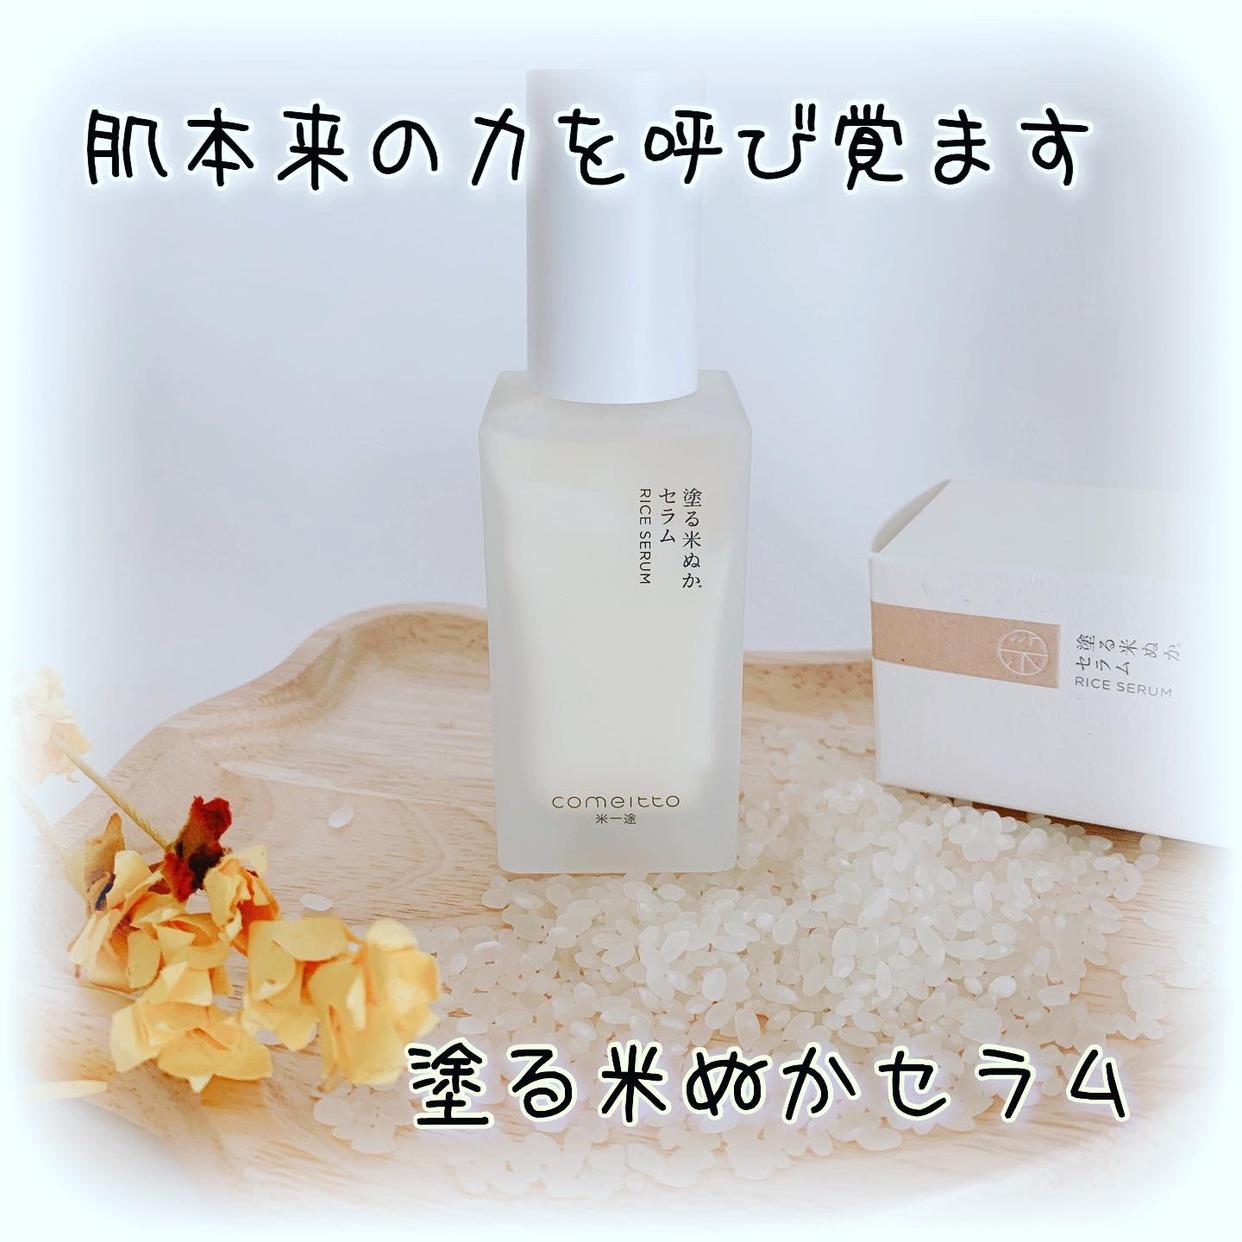 米一途(comeitto) 塗る米ぬかセラムを使ったsnowmiさんのクチコミ画像